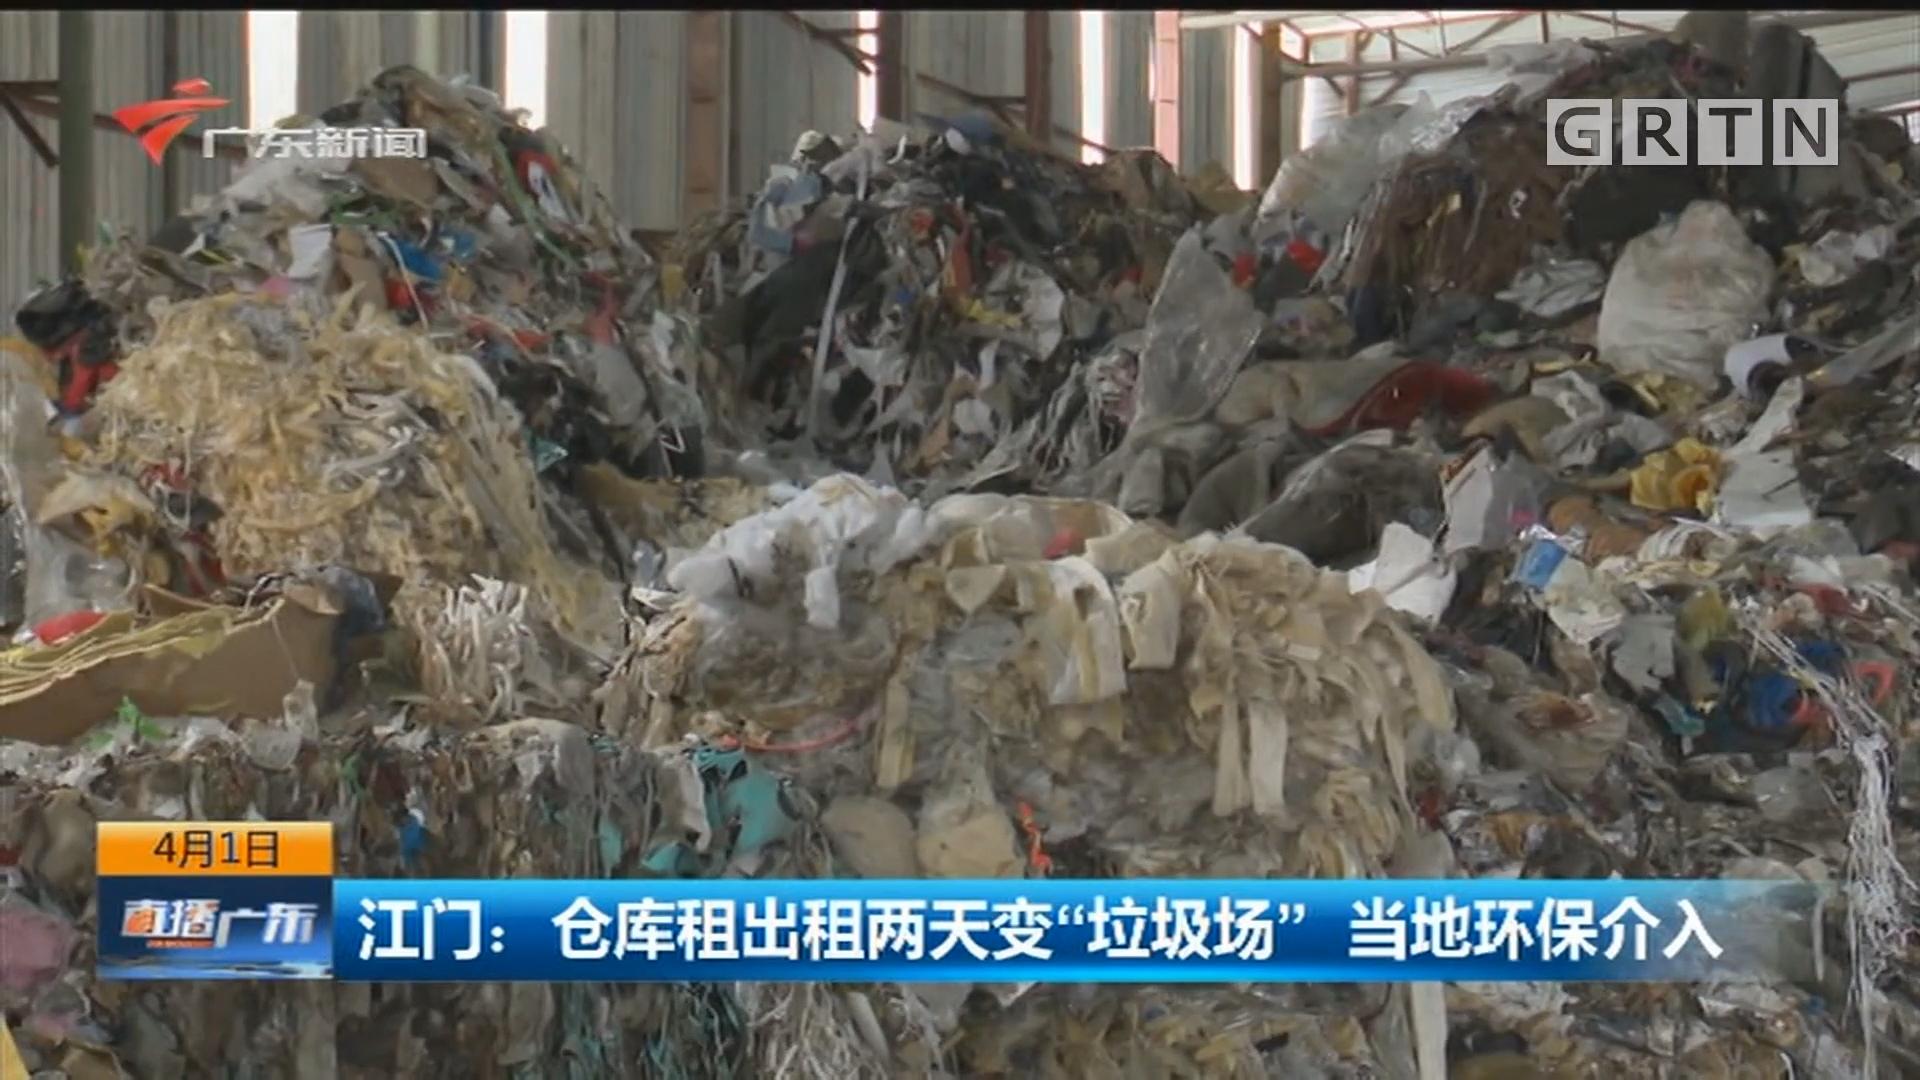 """江门:仓库租出租两天变""""垃圾场"""" 当地环保介入"""